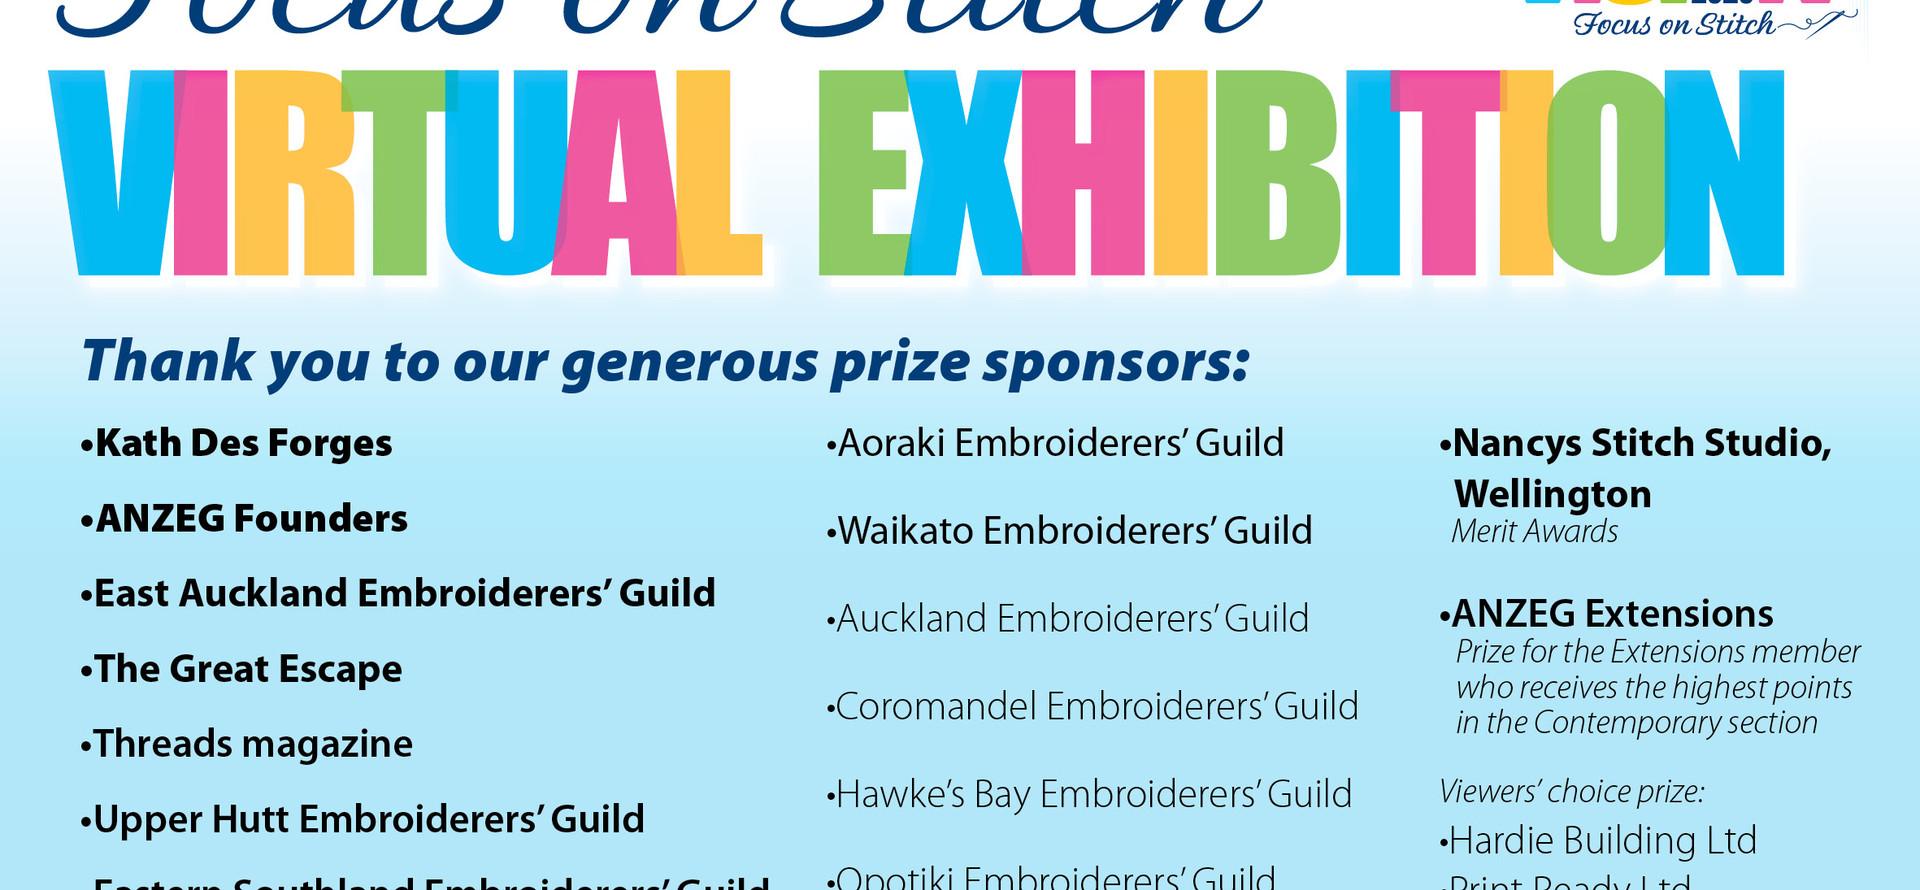 ANZEG Virtual Exhibition Sponsors